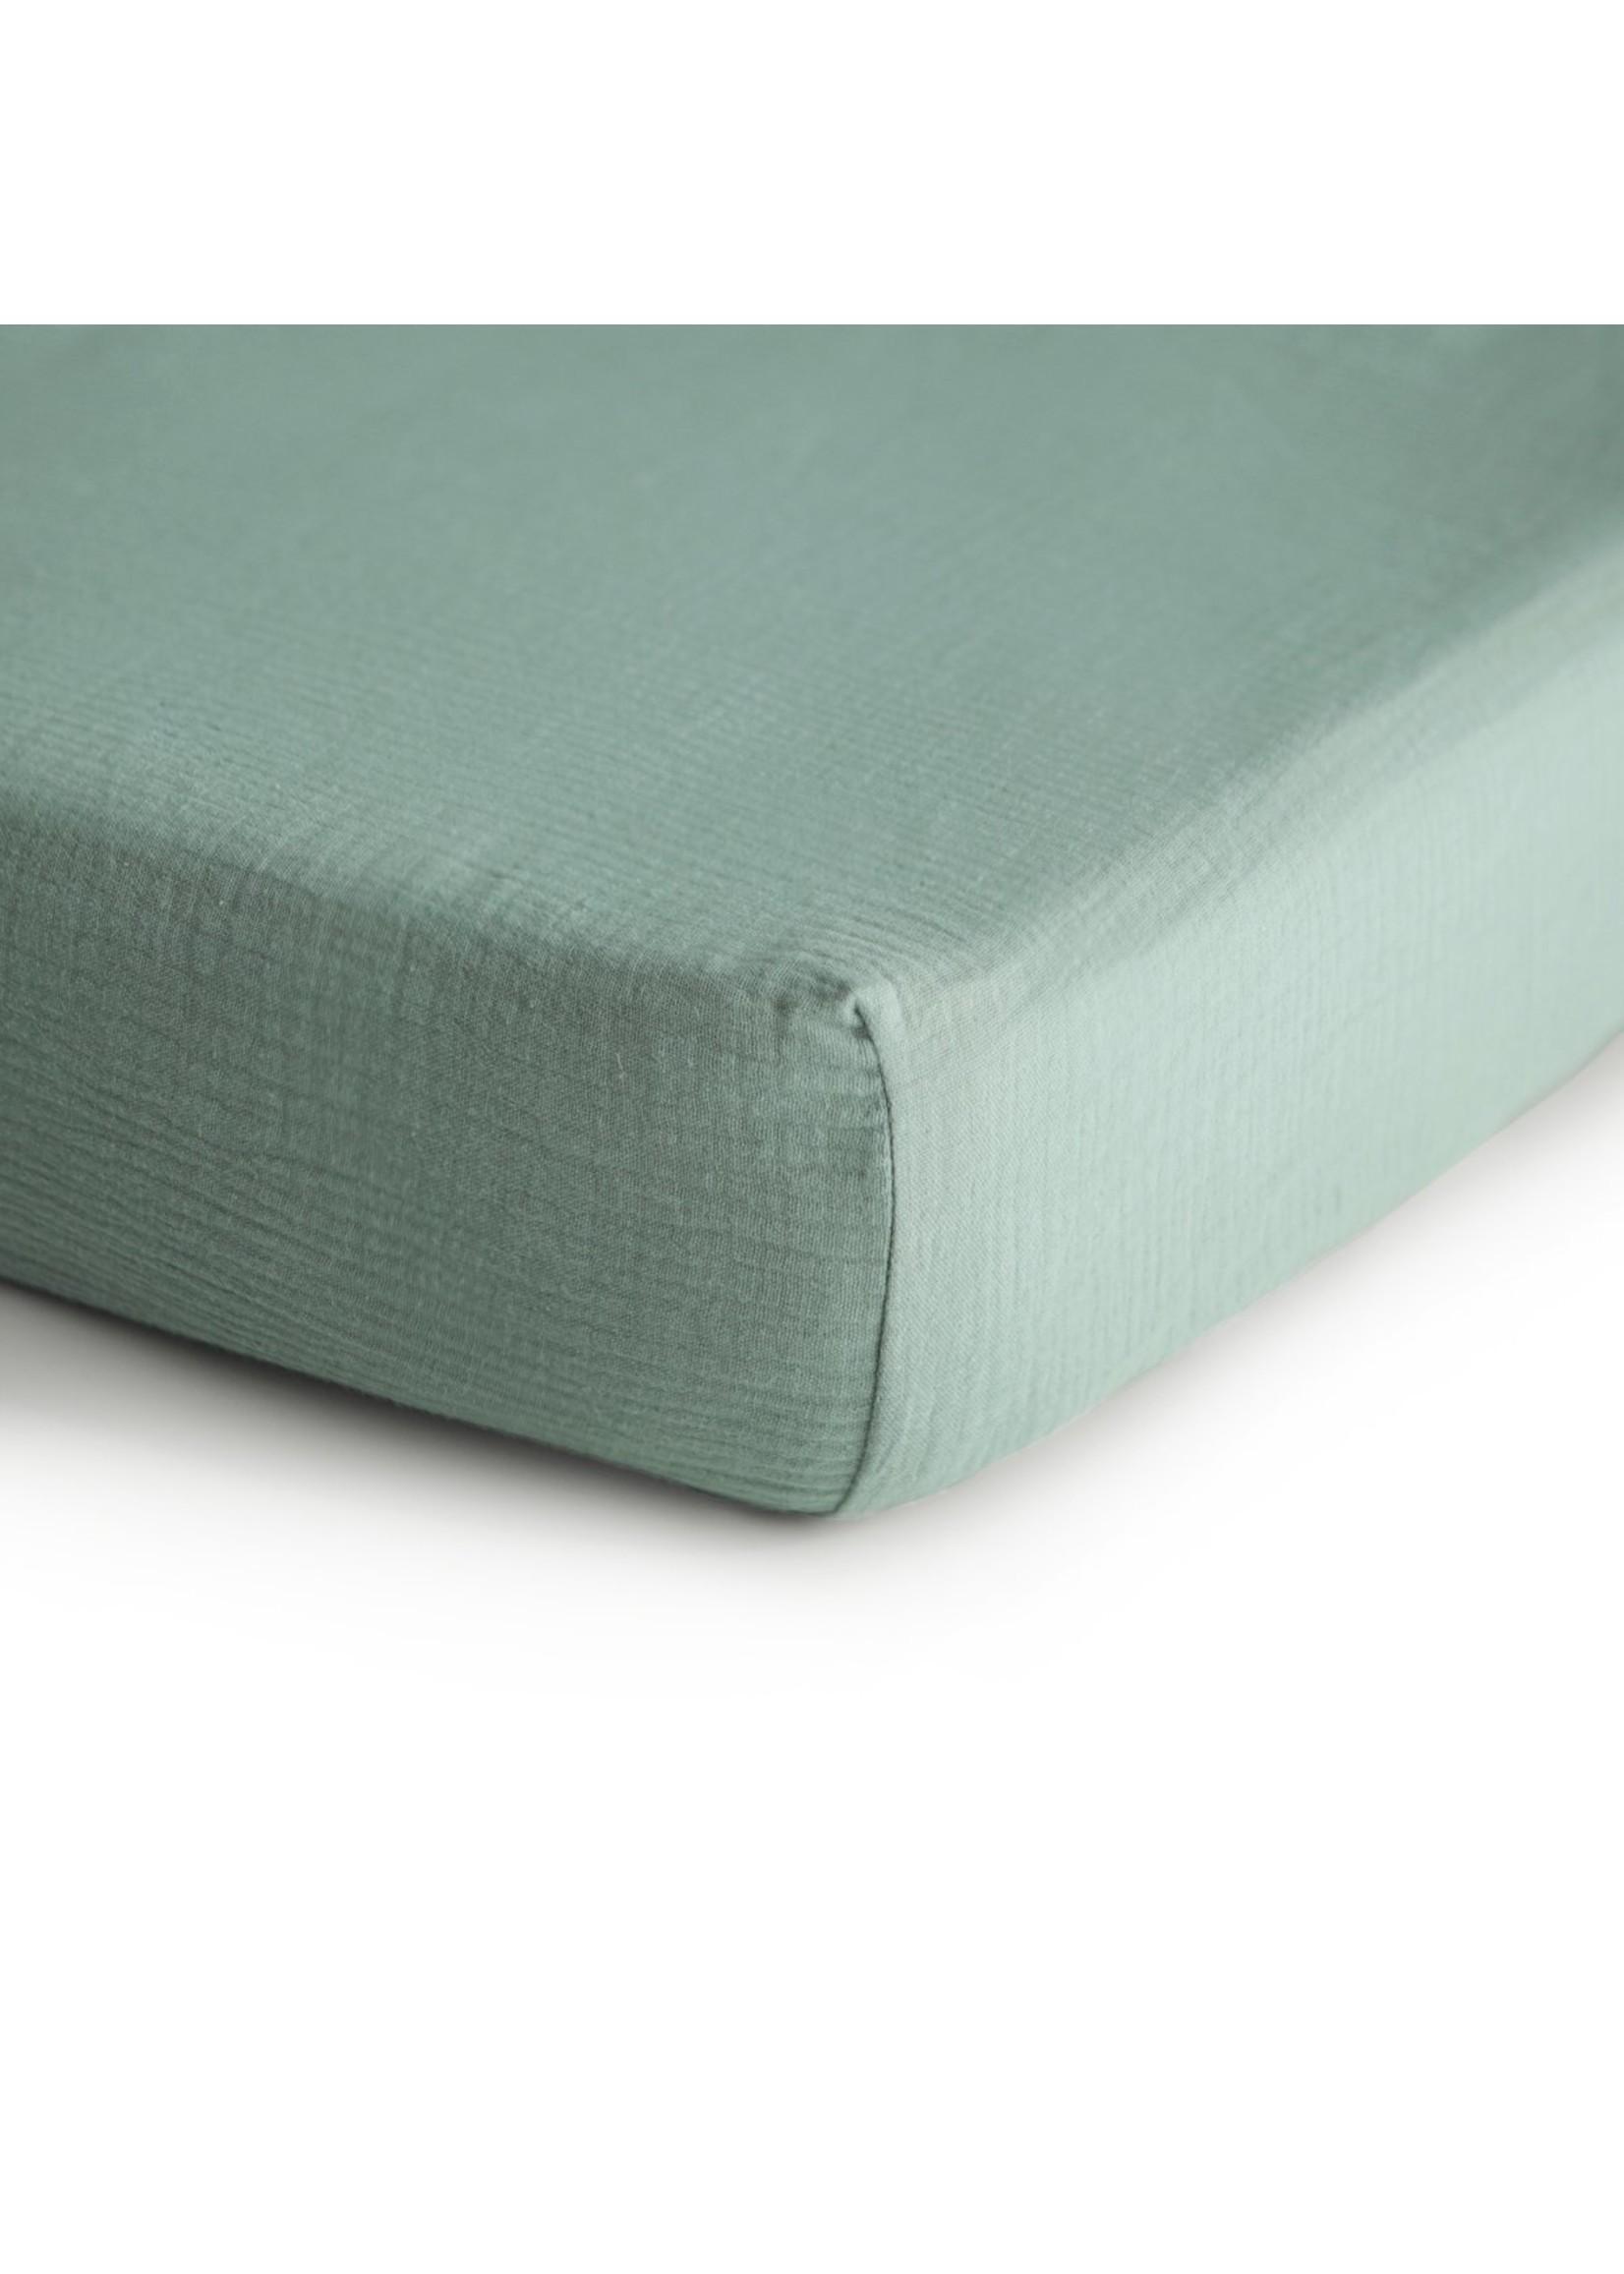 Mushie Drap contour de bassinette Roman Green